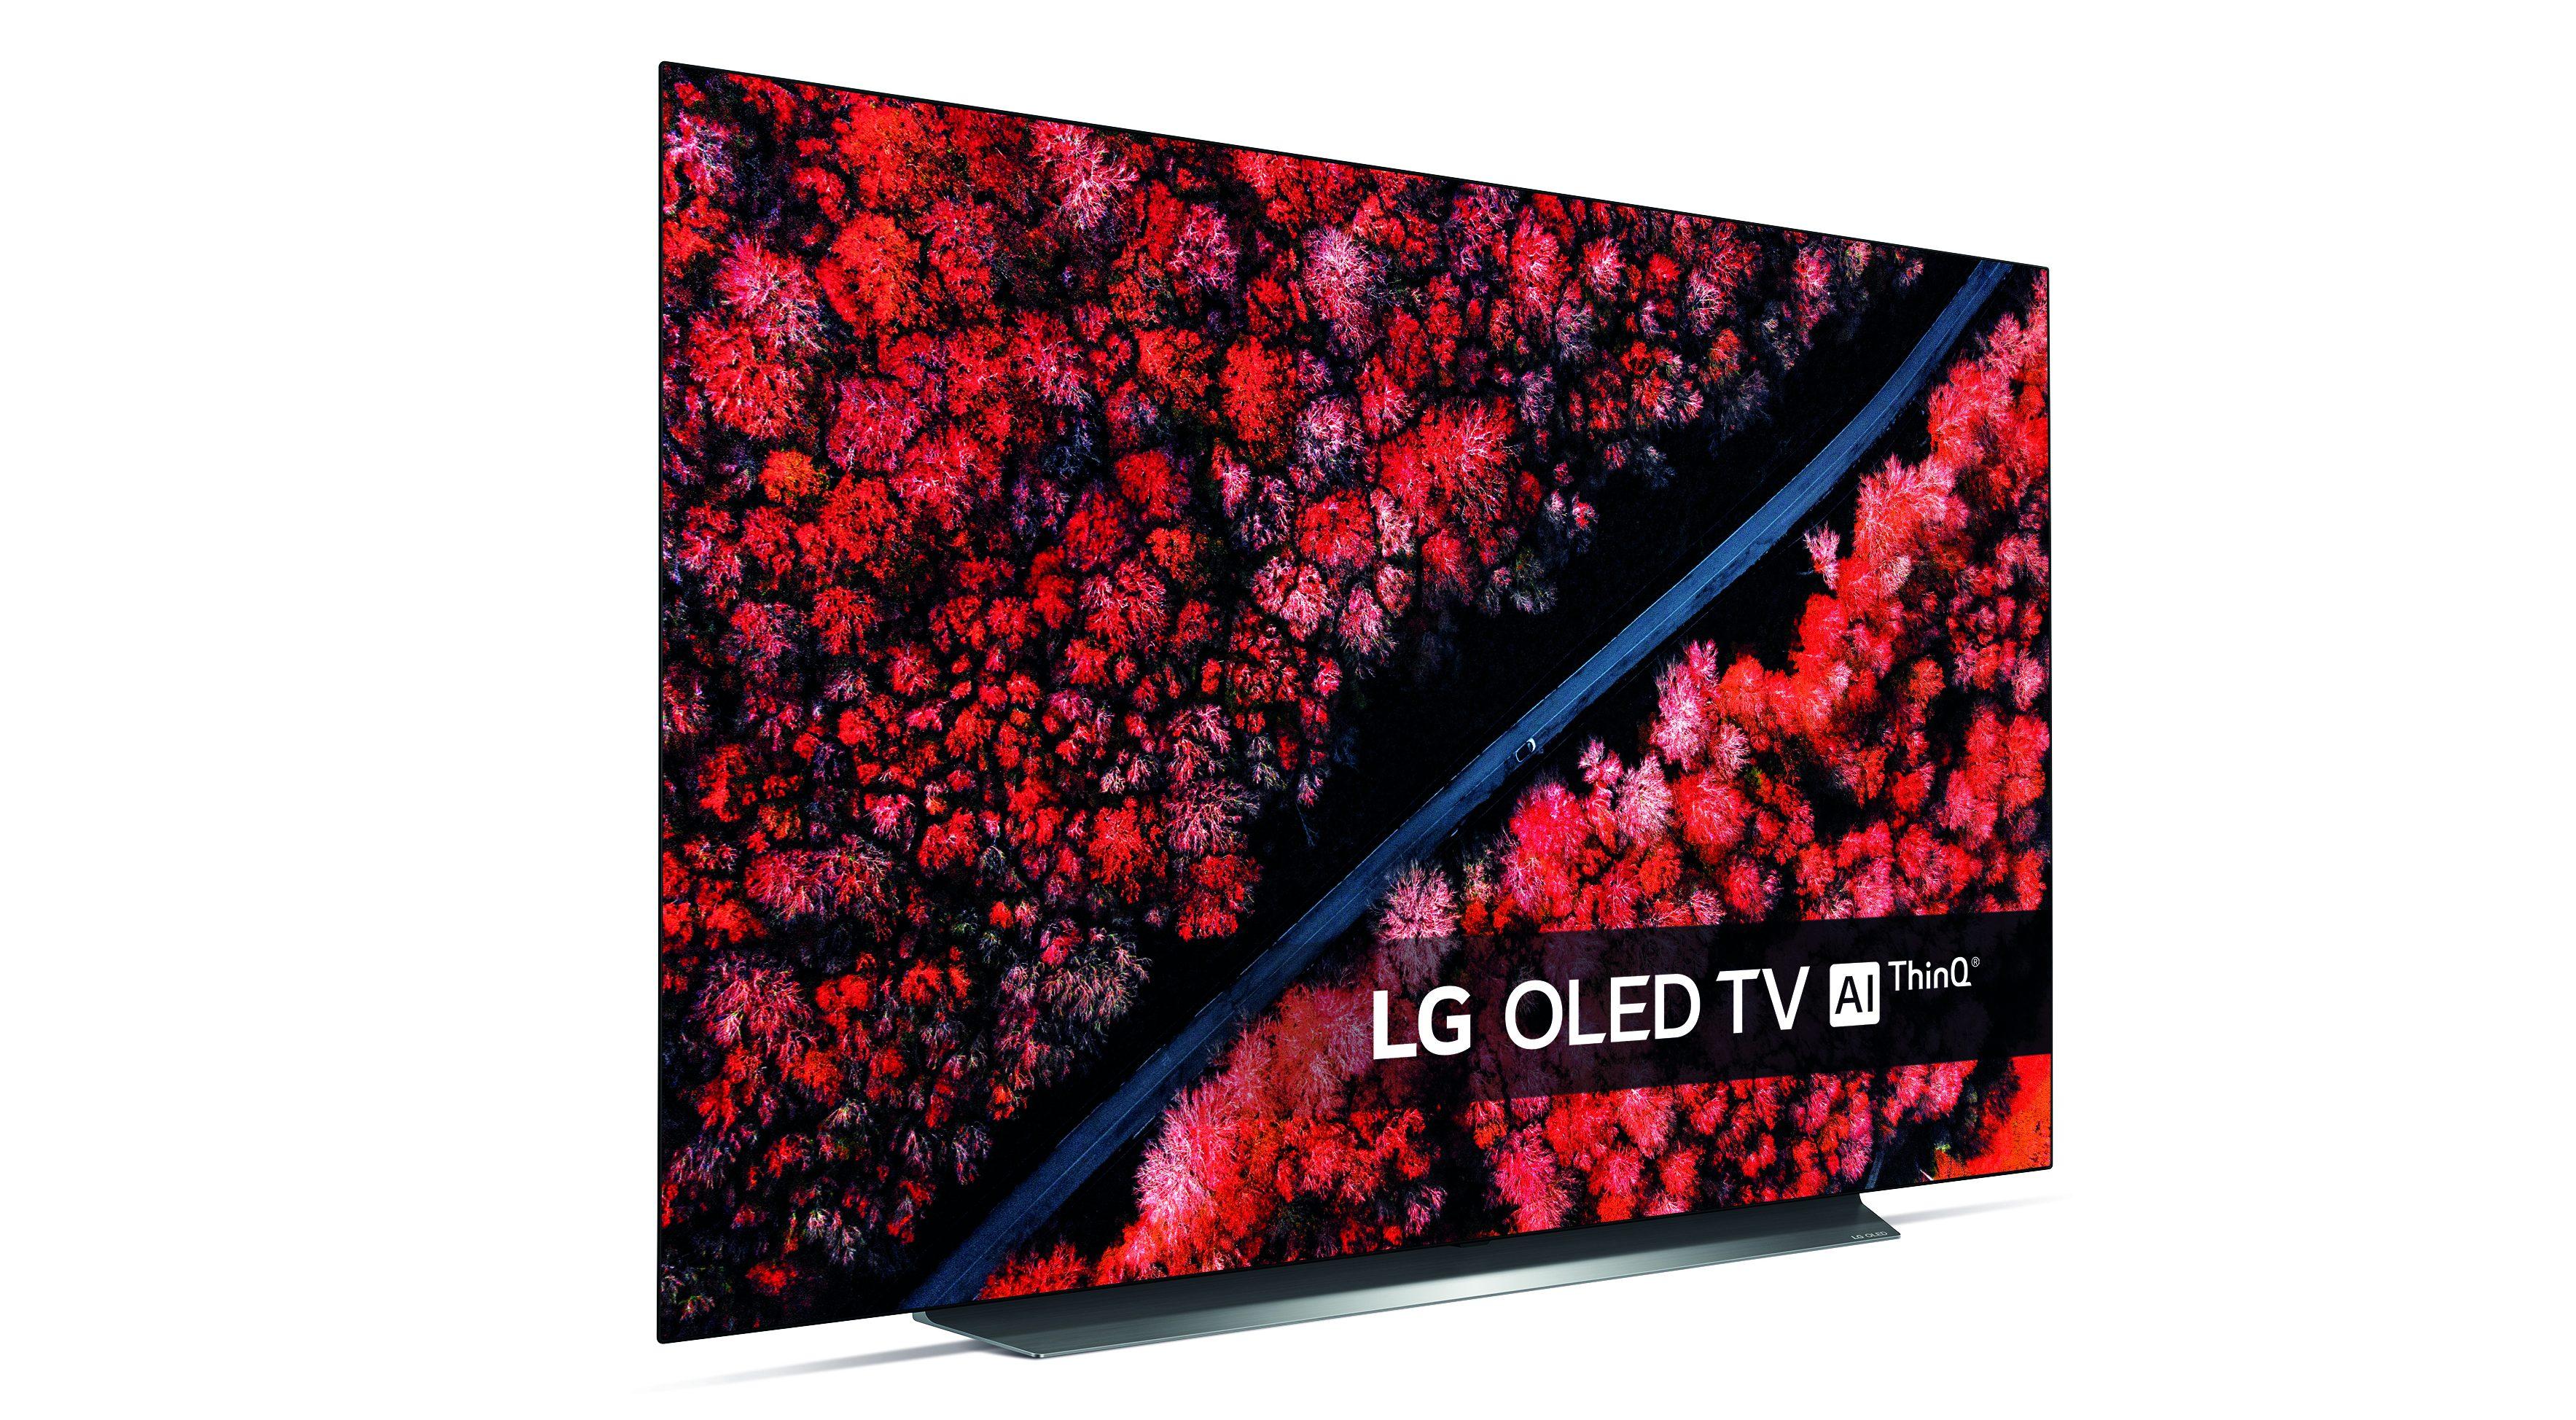 LG TV 2019: i nuovi televisori puntano tutto sull'Intelligenza artificiale thumbnail